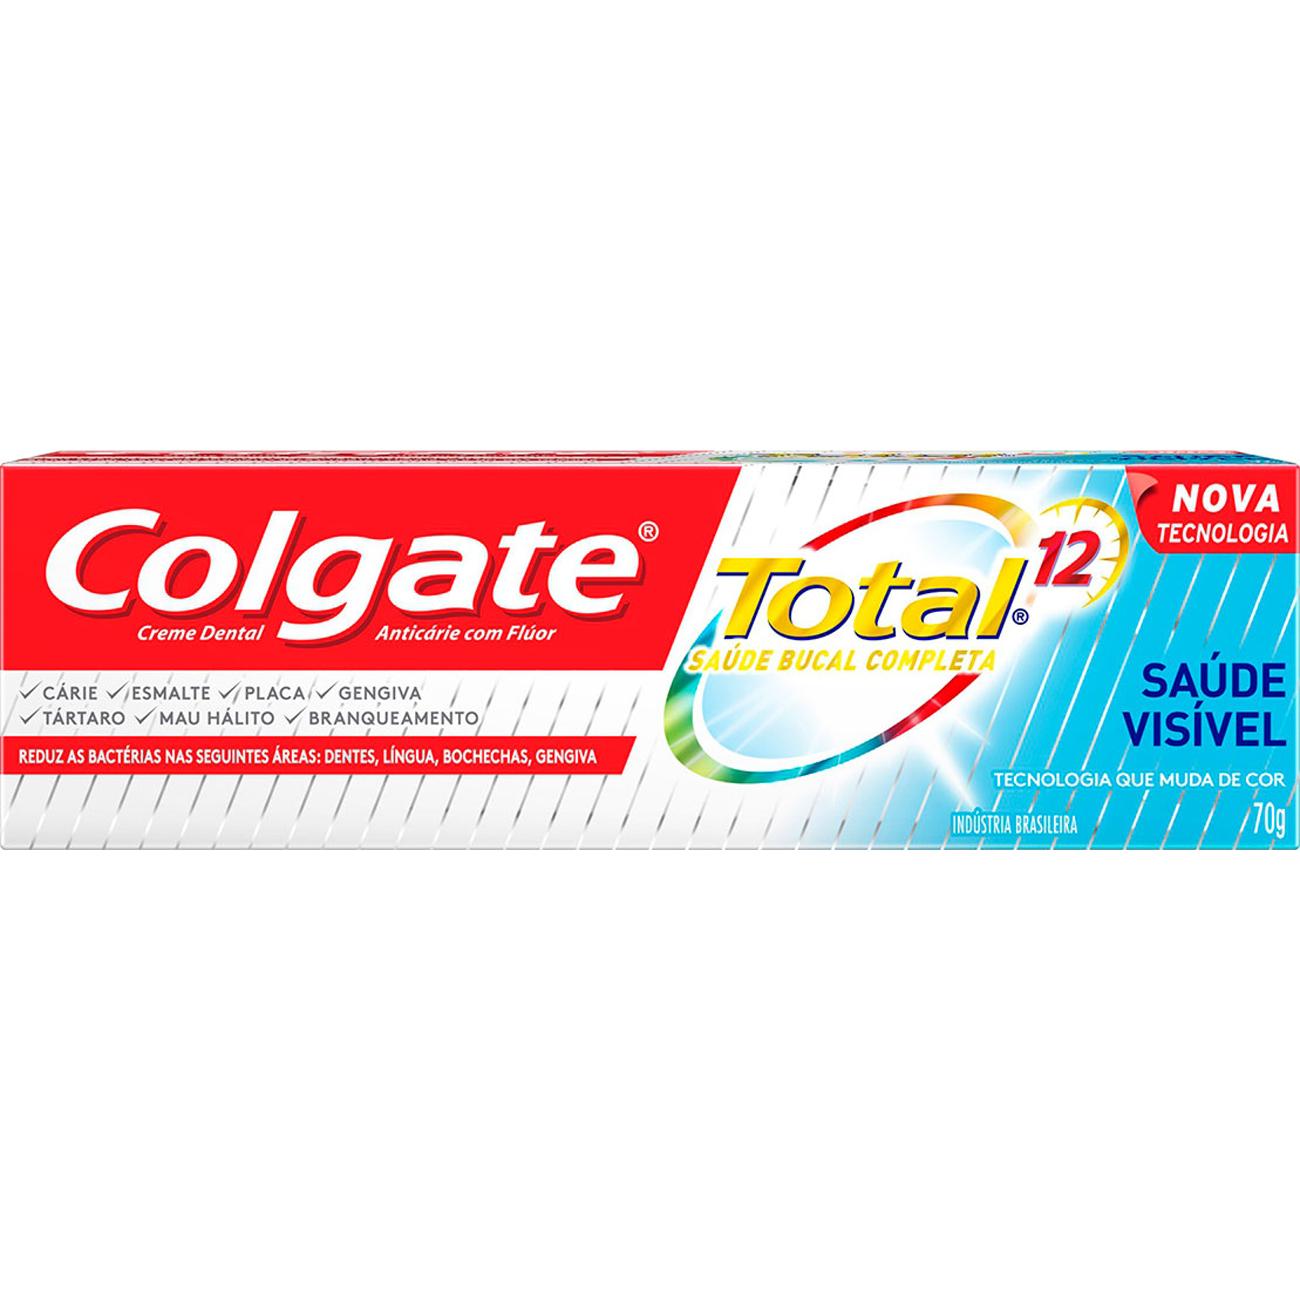 Creme Dental Colgate Tot12 Prof70G Saude Visivel